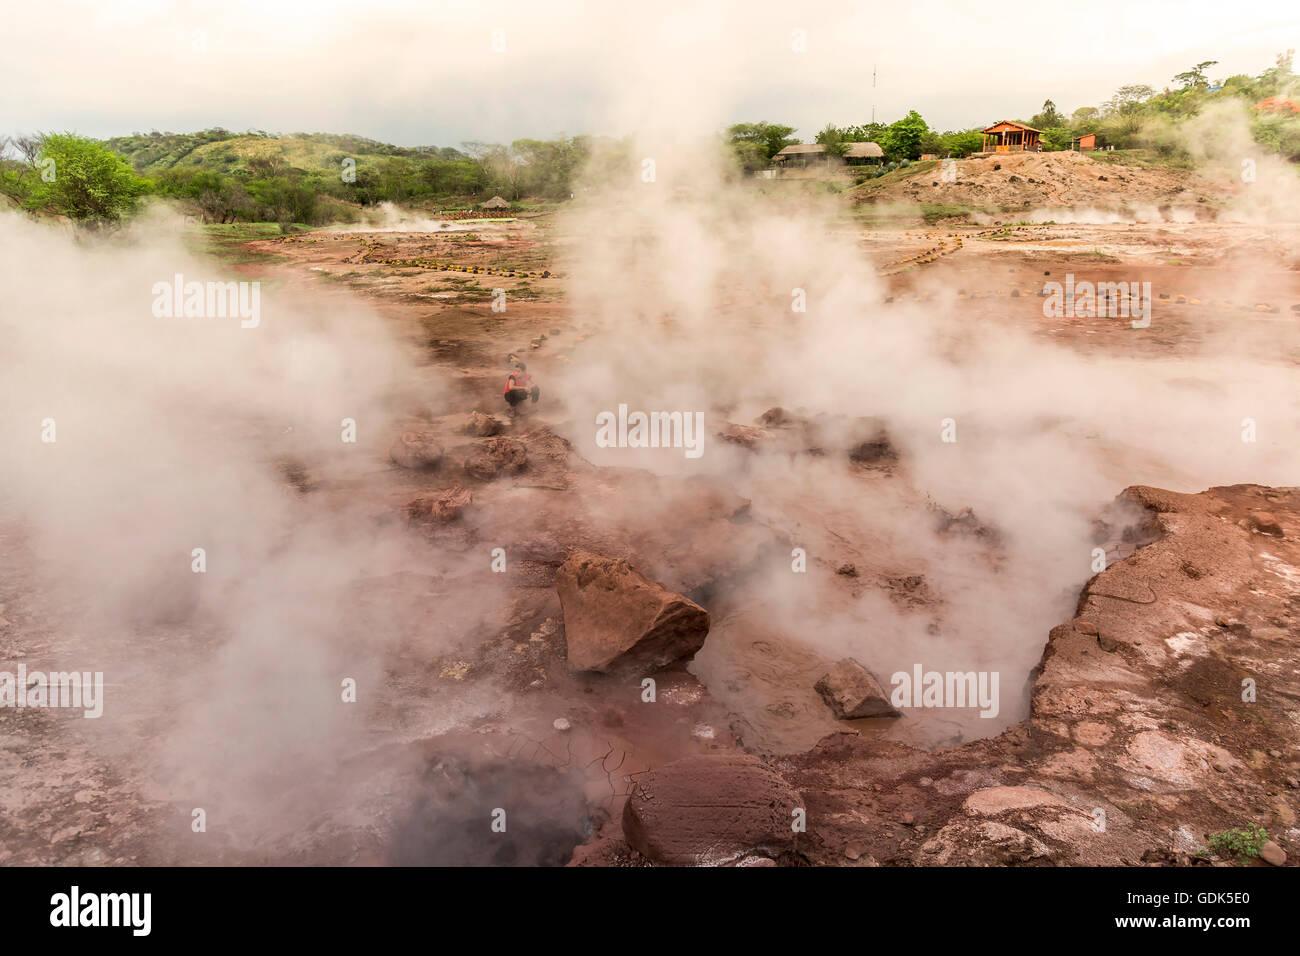 San Jacinto, le Nicaragua - juin 2016. Une fille coin au milieu de piscines de boue bouillante dans un parc volcanique Photo Stock